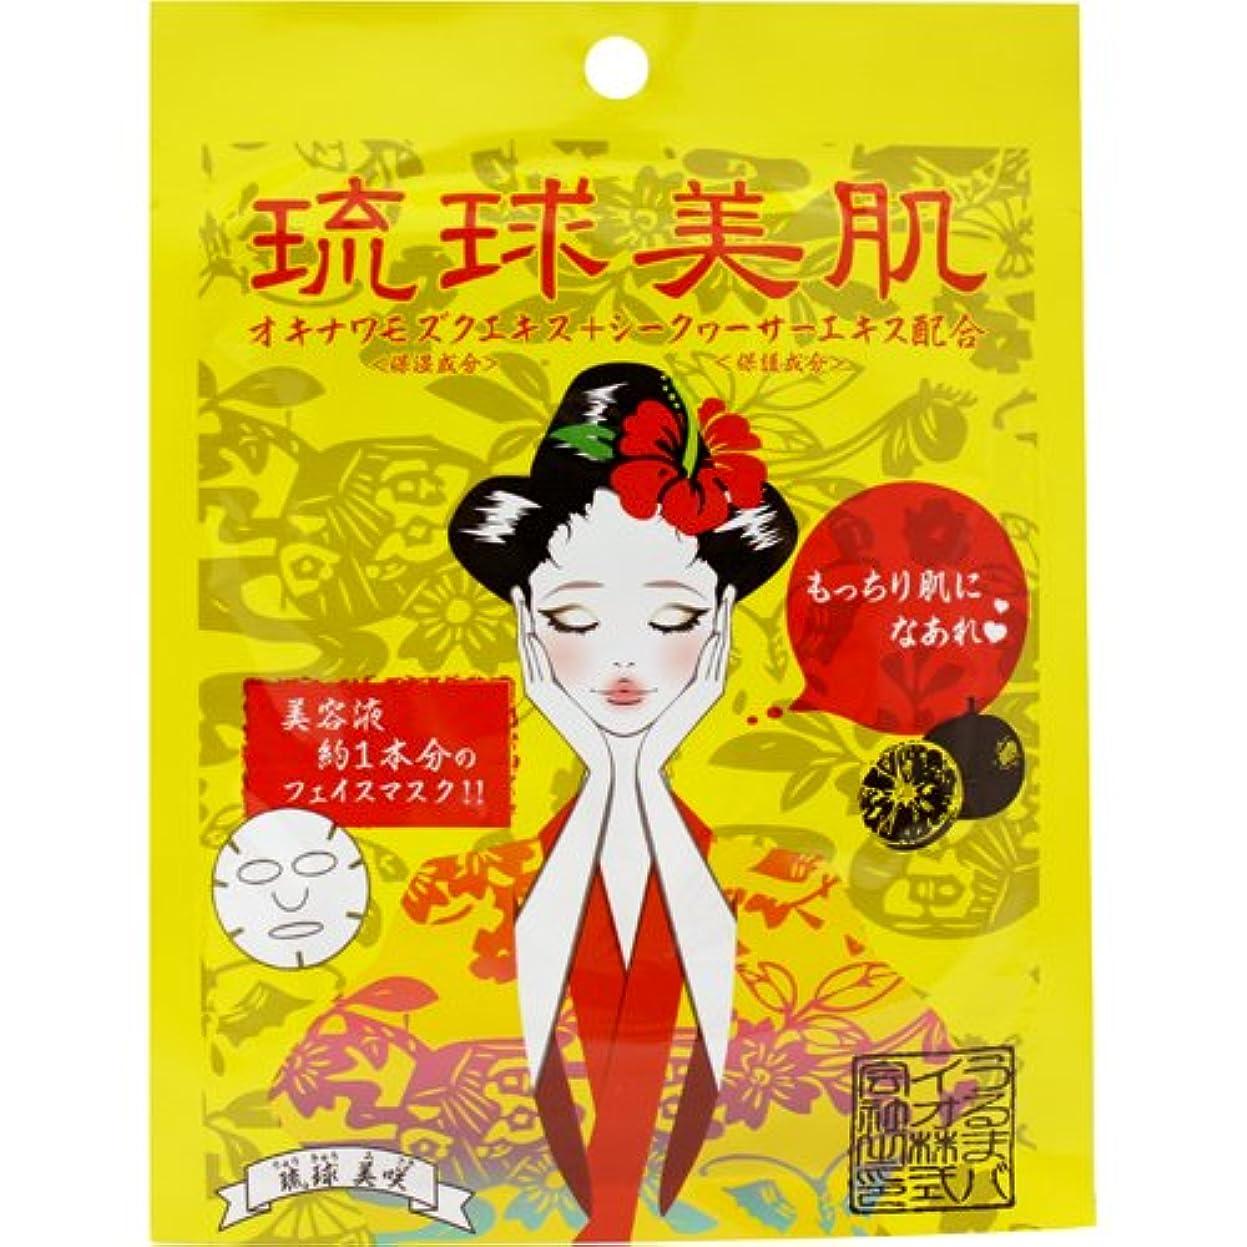 歌う生き残り時々琉球美肌 フェイスマスクシート シークヮーサーの香り 10枚セット